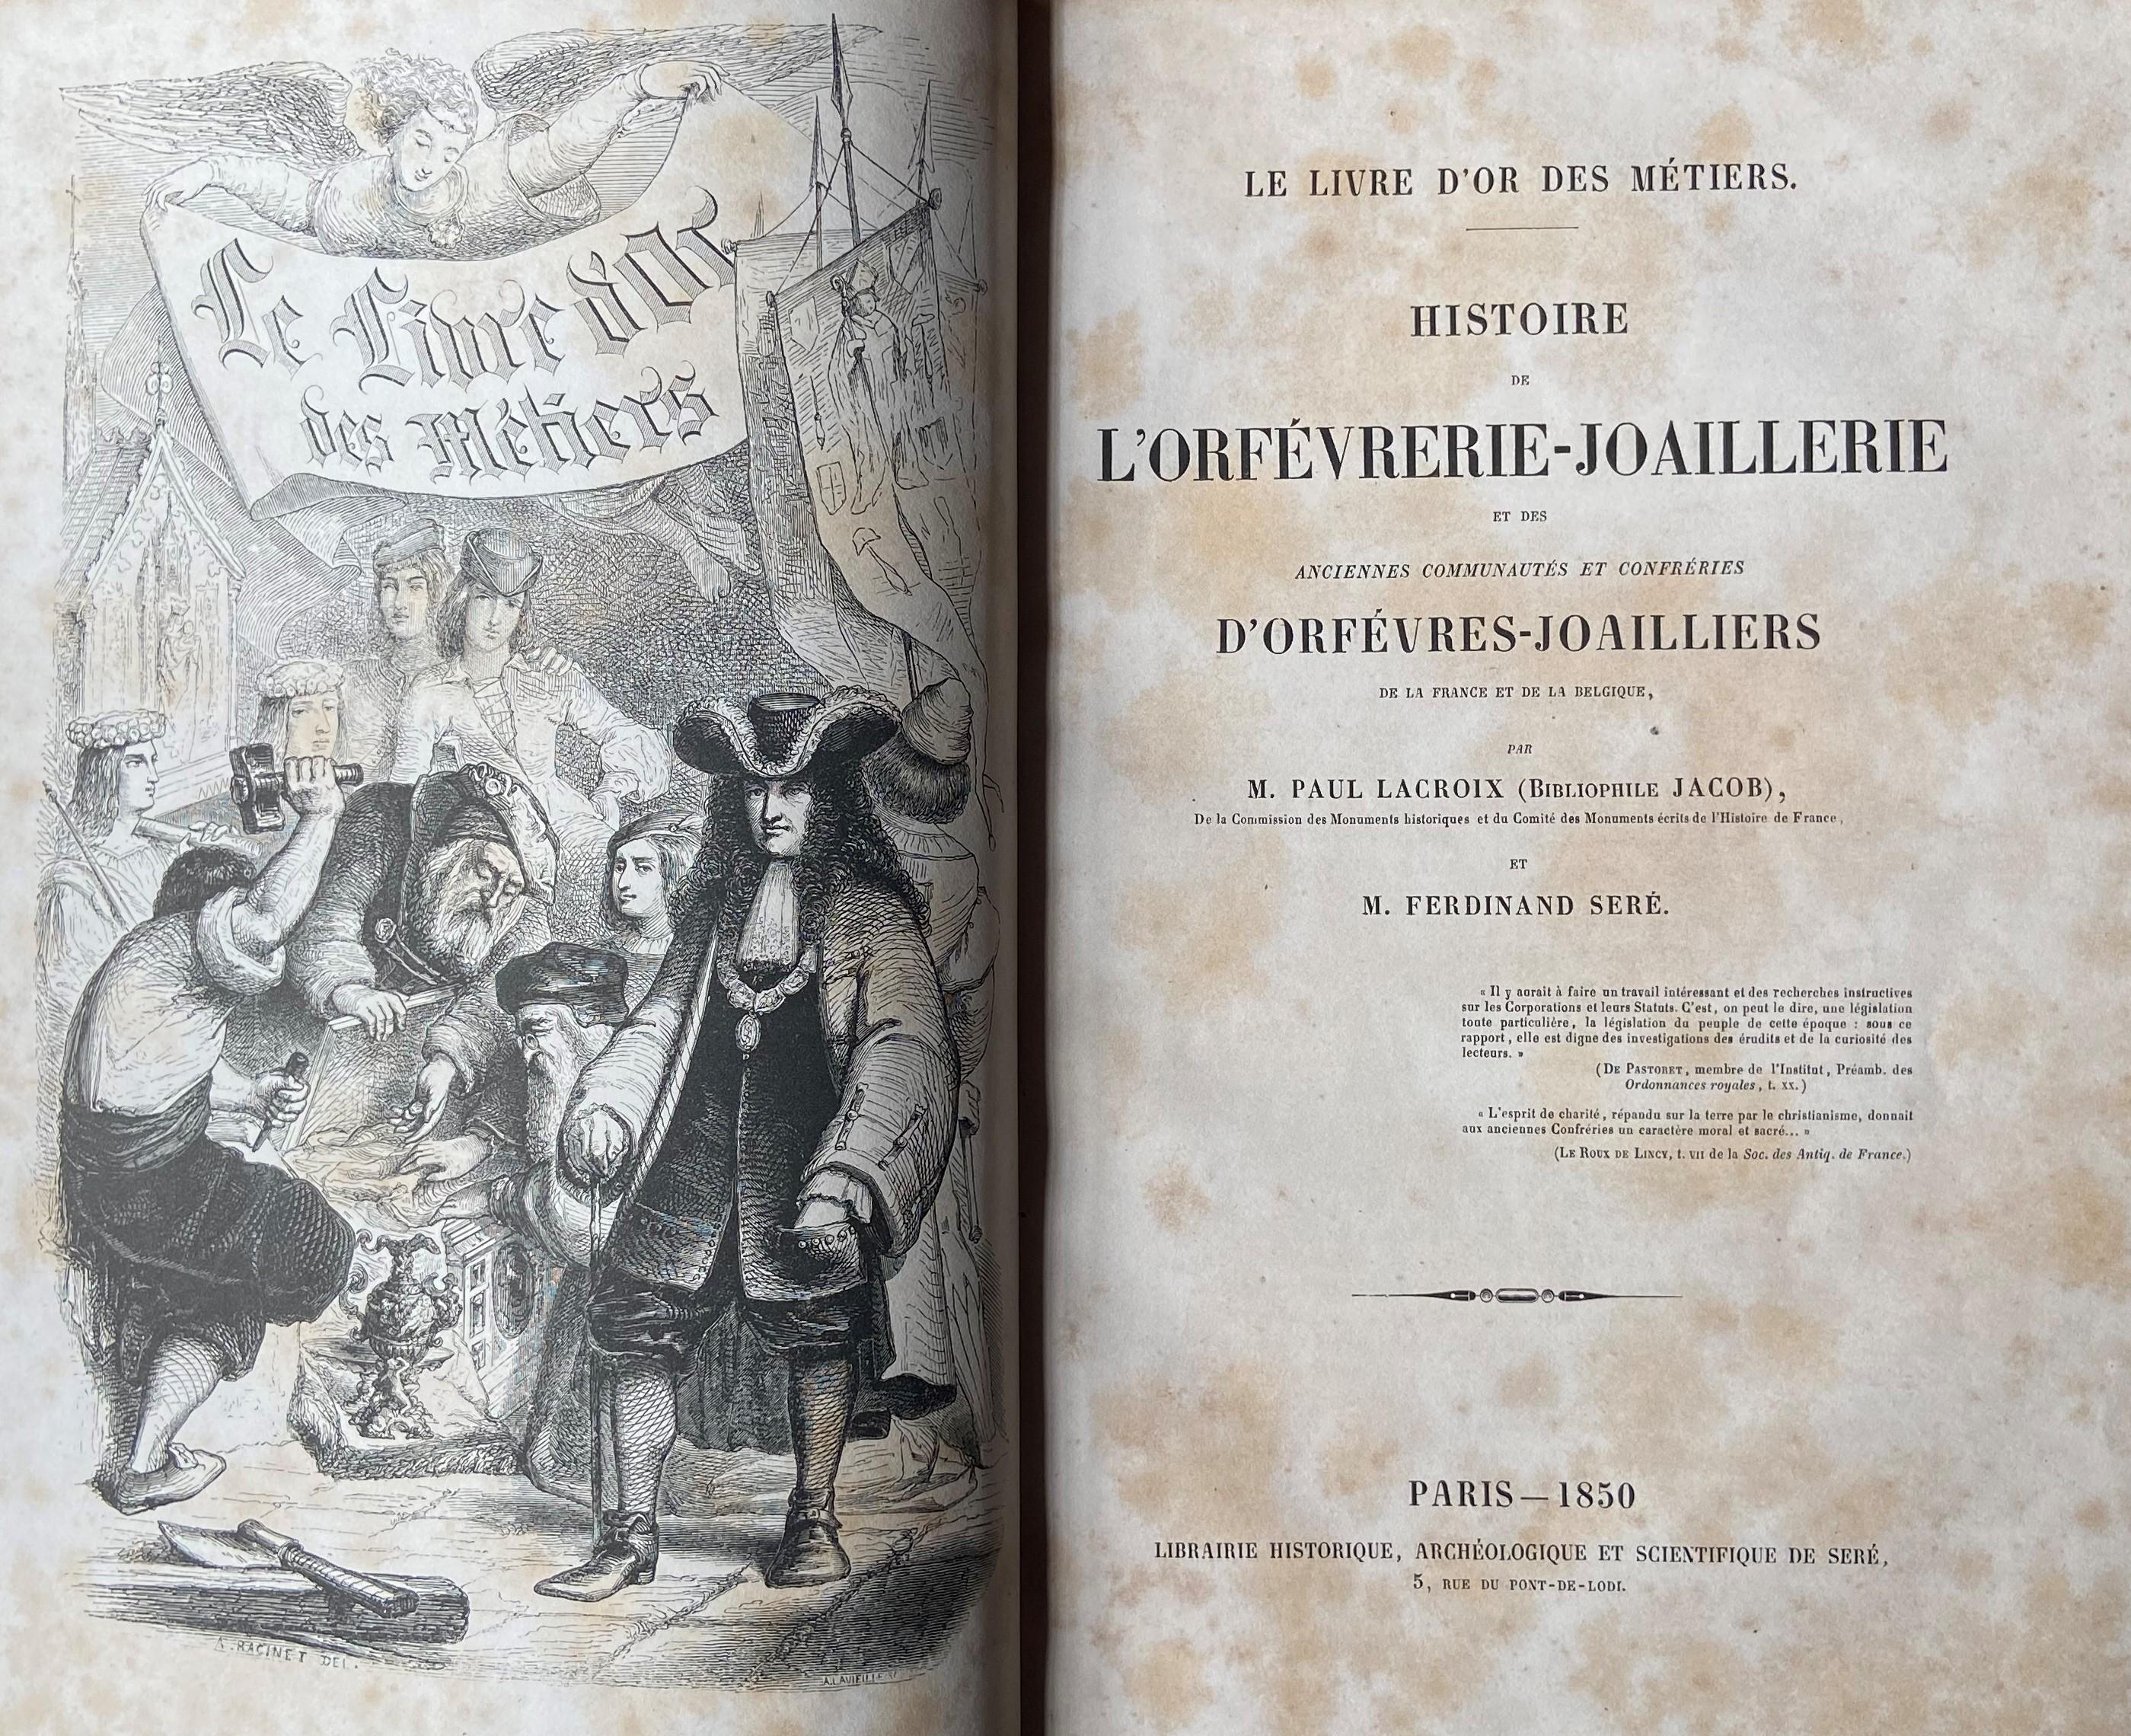 Fauriel (M.C.)ÿHistoire de la Croisade contre les Heratiques Albigeois, ... Lg. 4to Paris (Imprim.